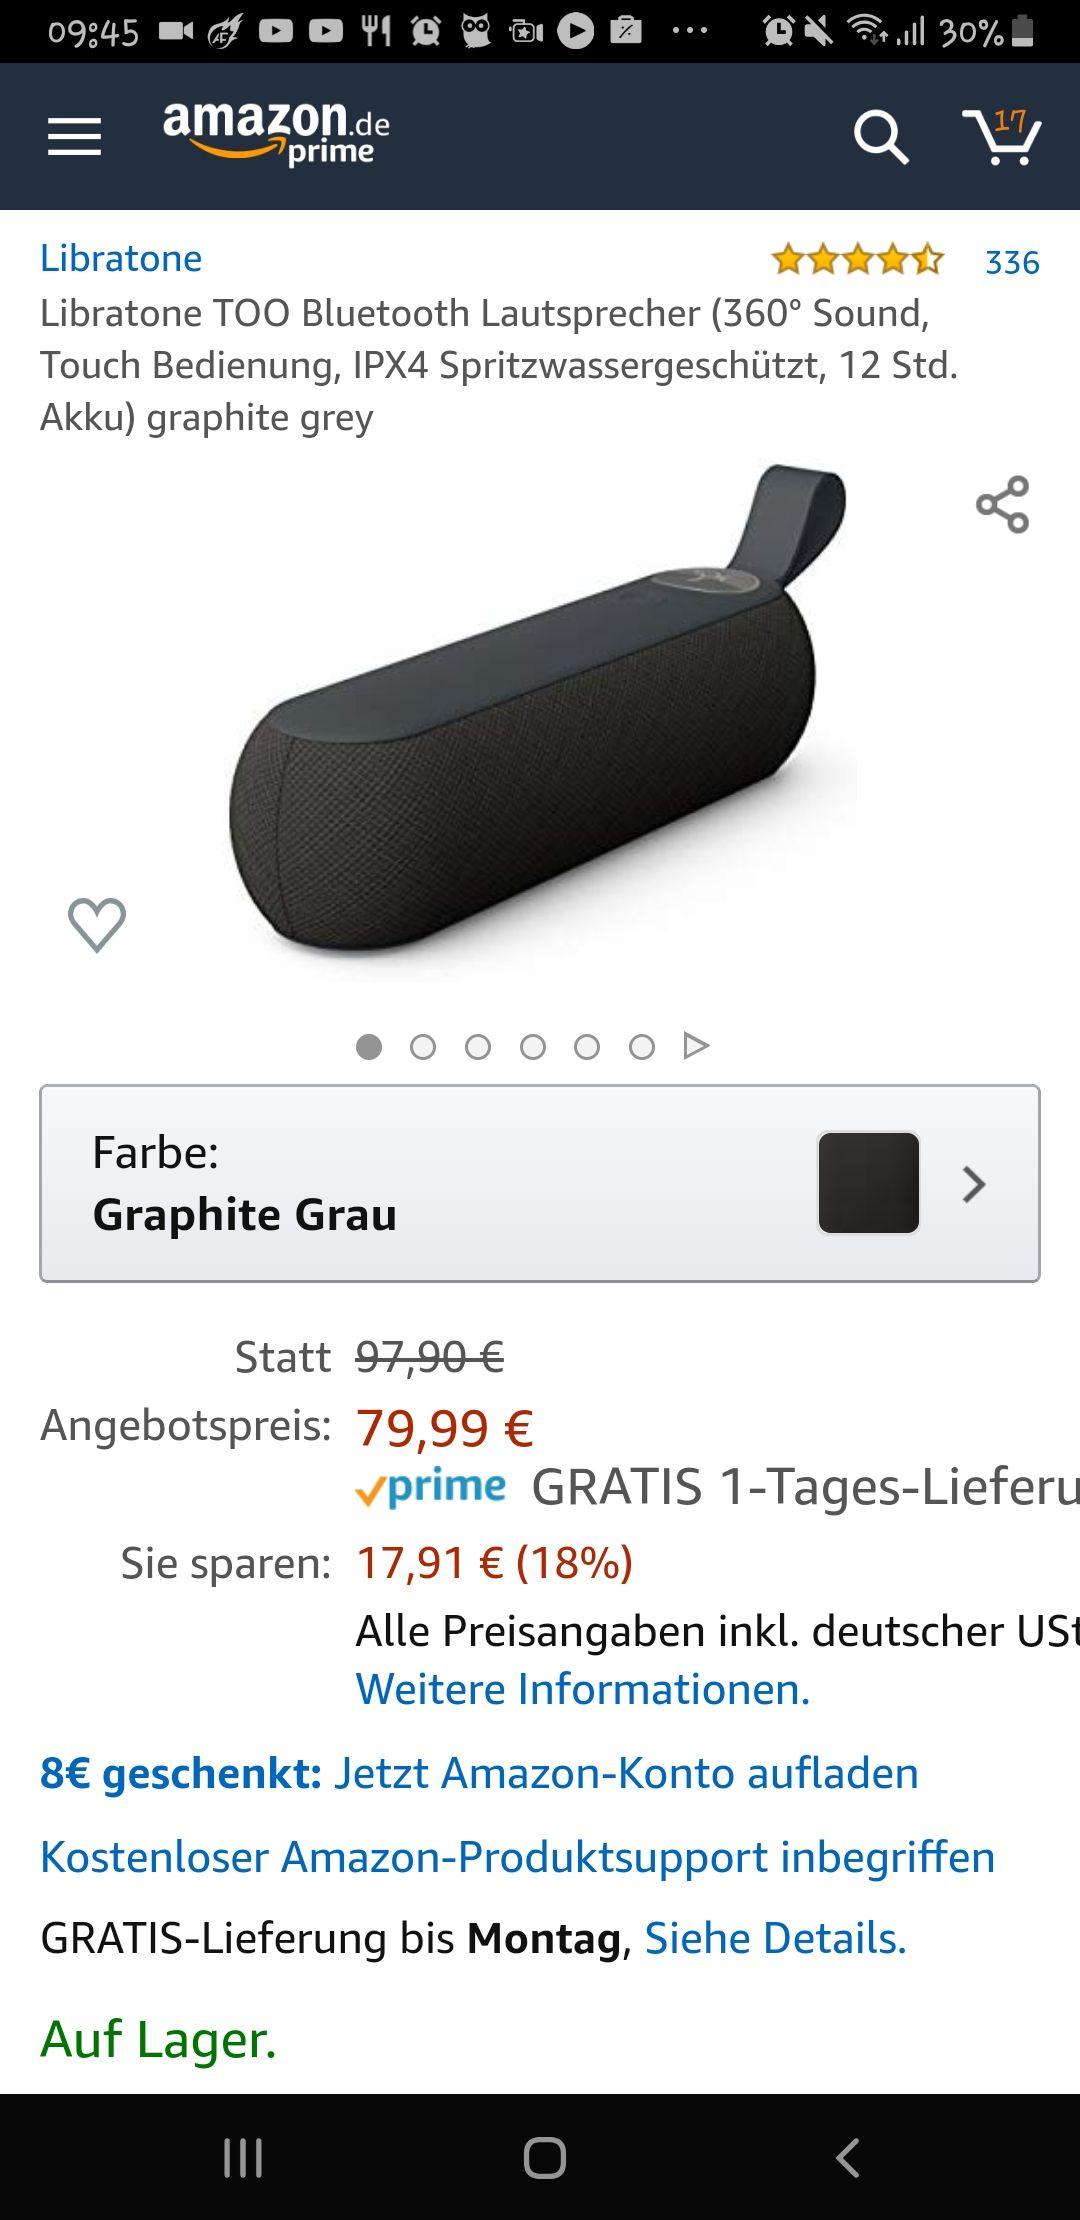 Bluetooth Lautsprecher Libratone